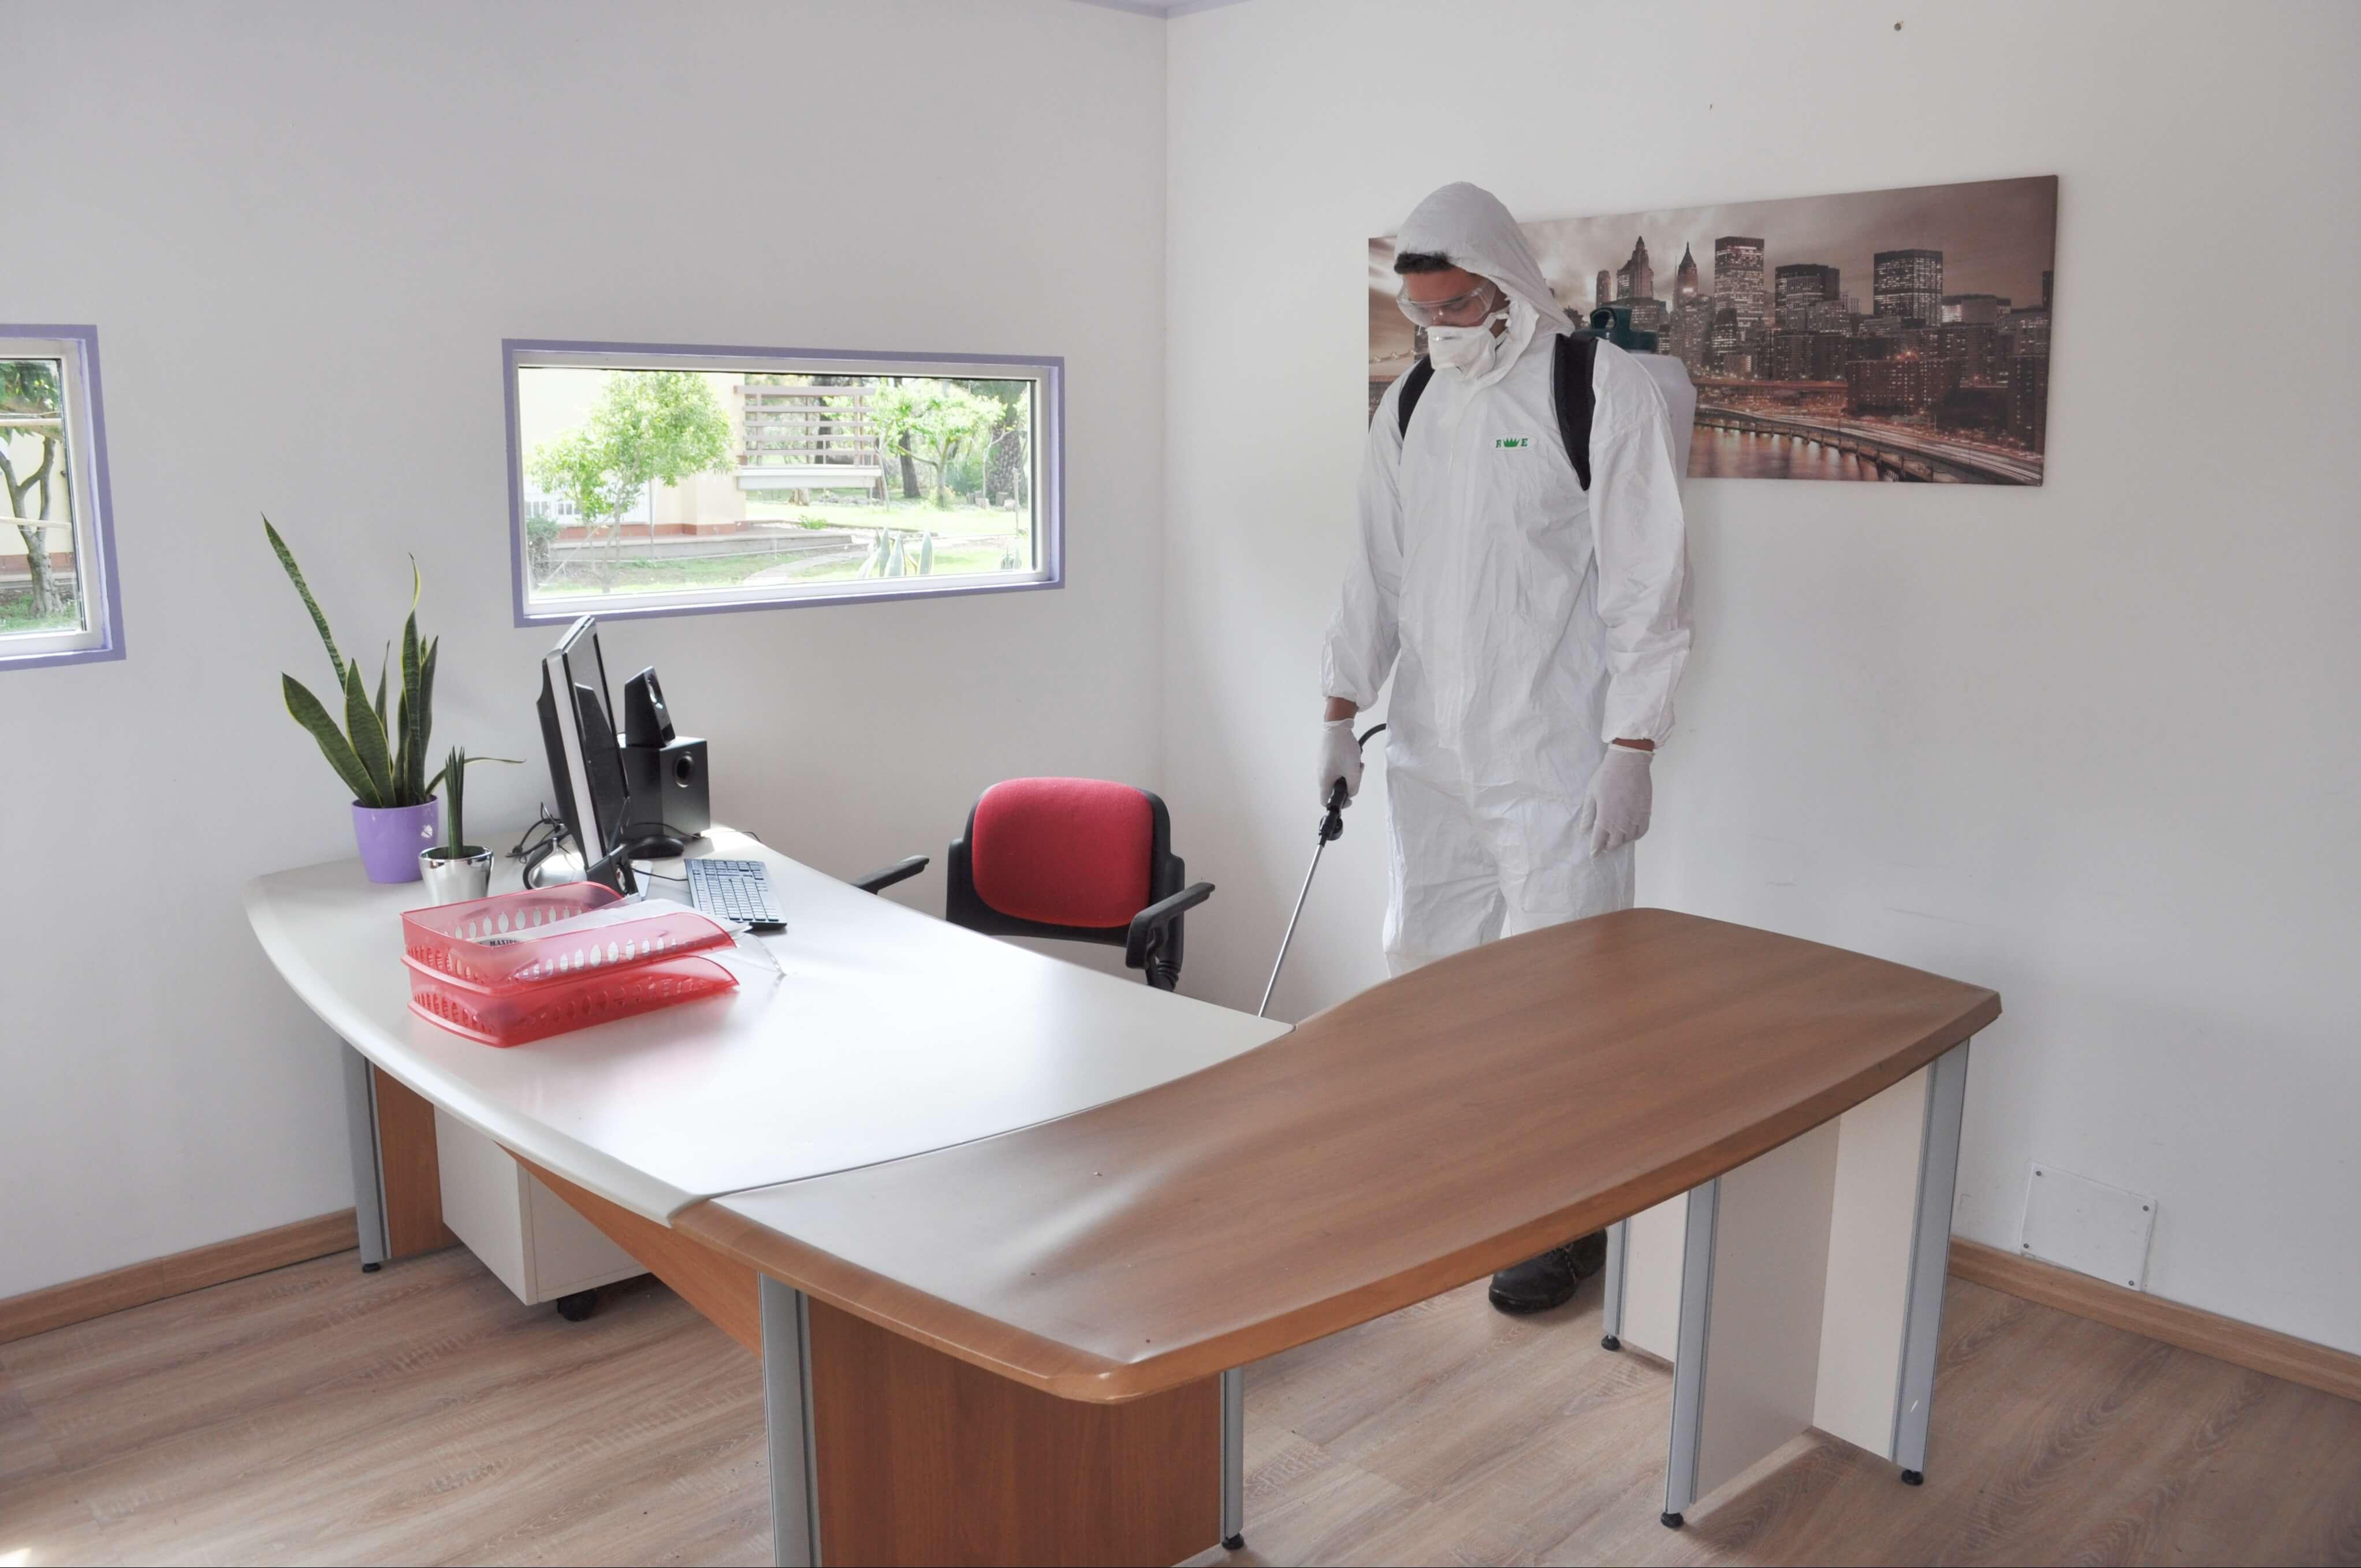 Un operatore munito di dispositivi di protezione personale sta eseguendo una sanificazione covid 19 per aziende a latina in un ufficio